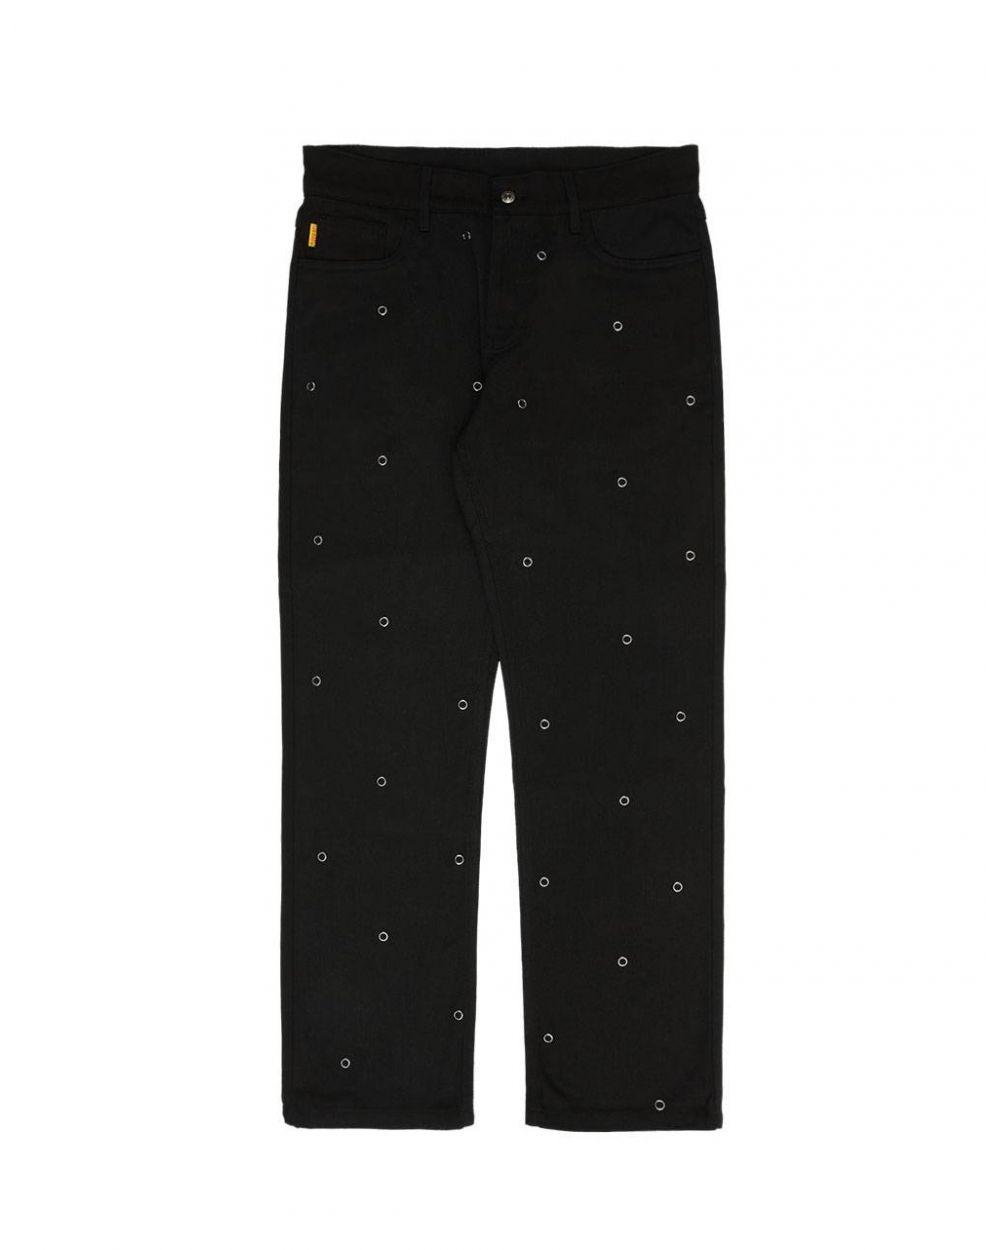 Pleasures Village rivet denim pants - black Pleasures Jeans 106,56€